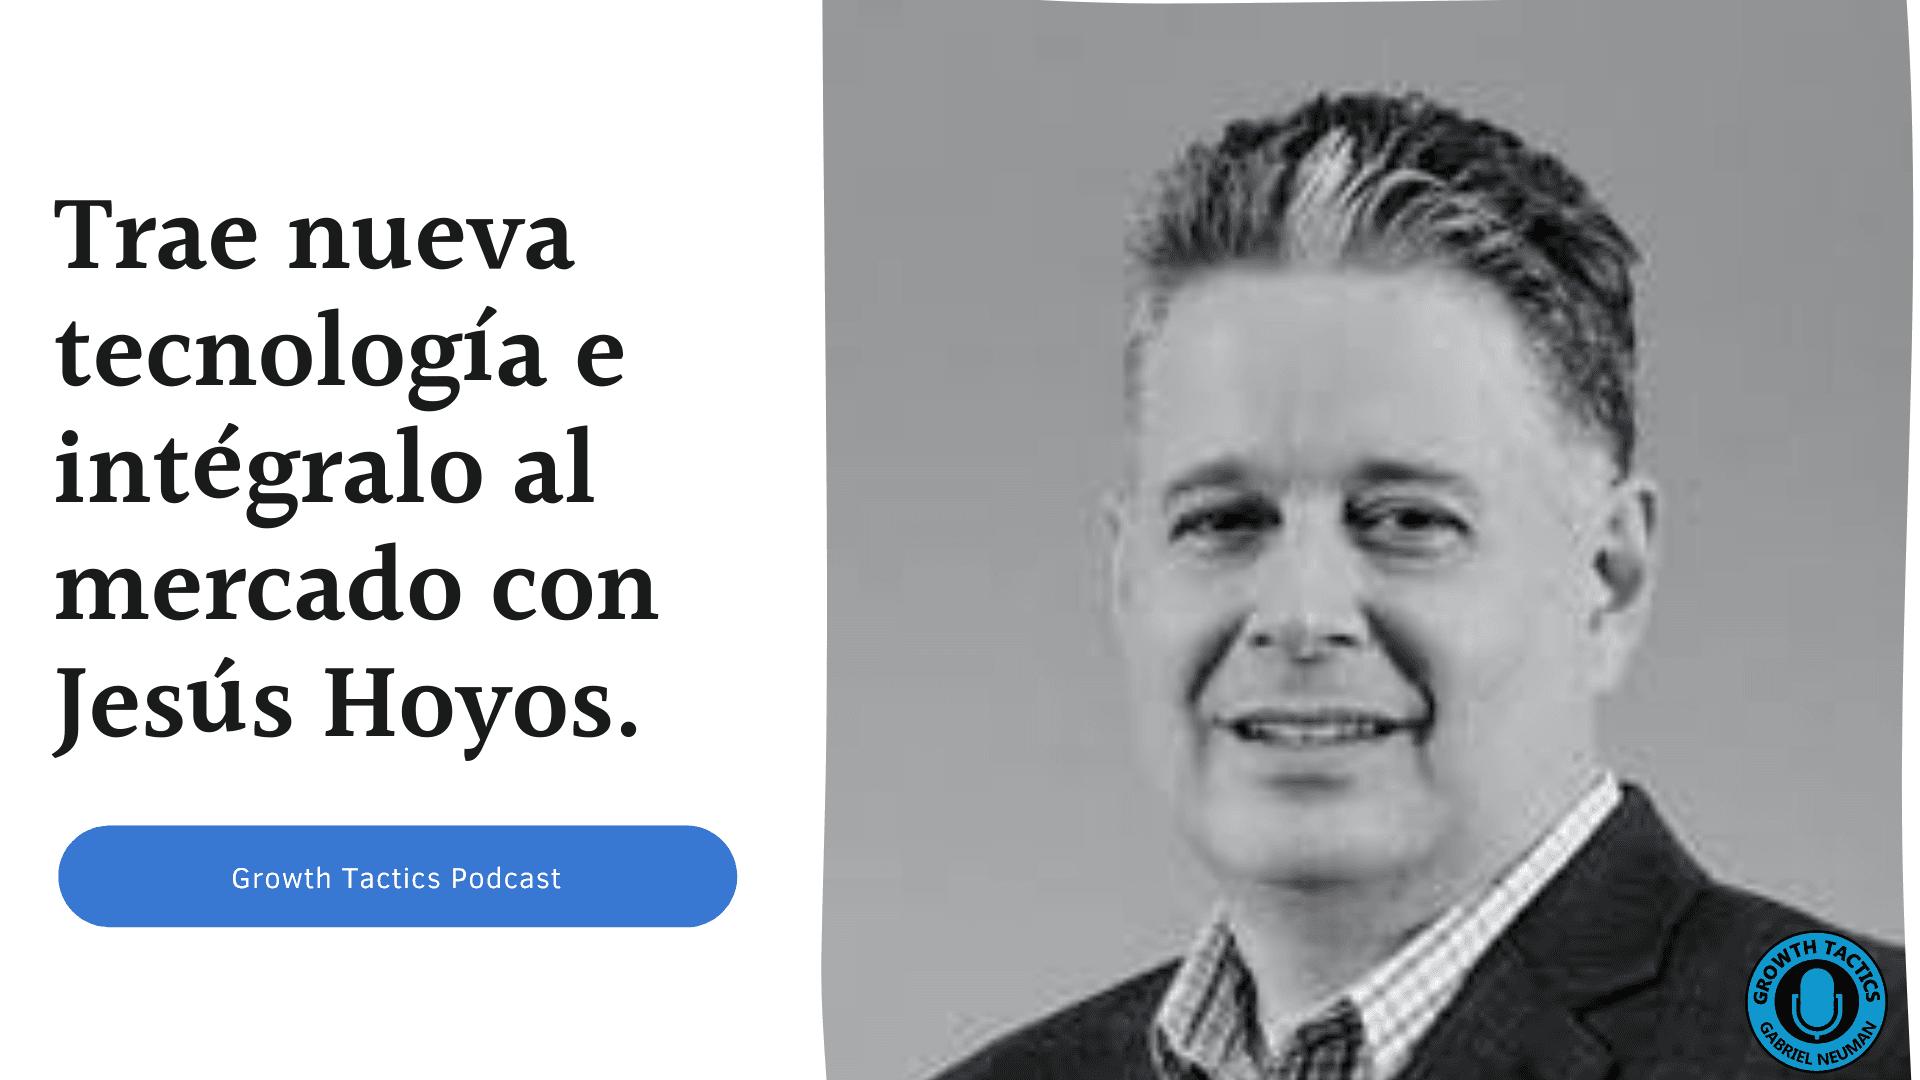 Jesús Hoyos trae nuevas tecnologías al mercado y las integra al ecosistema MarTech.